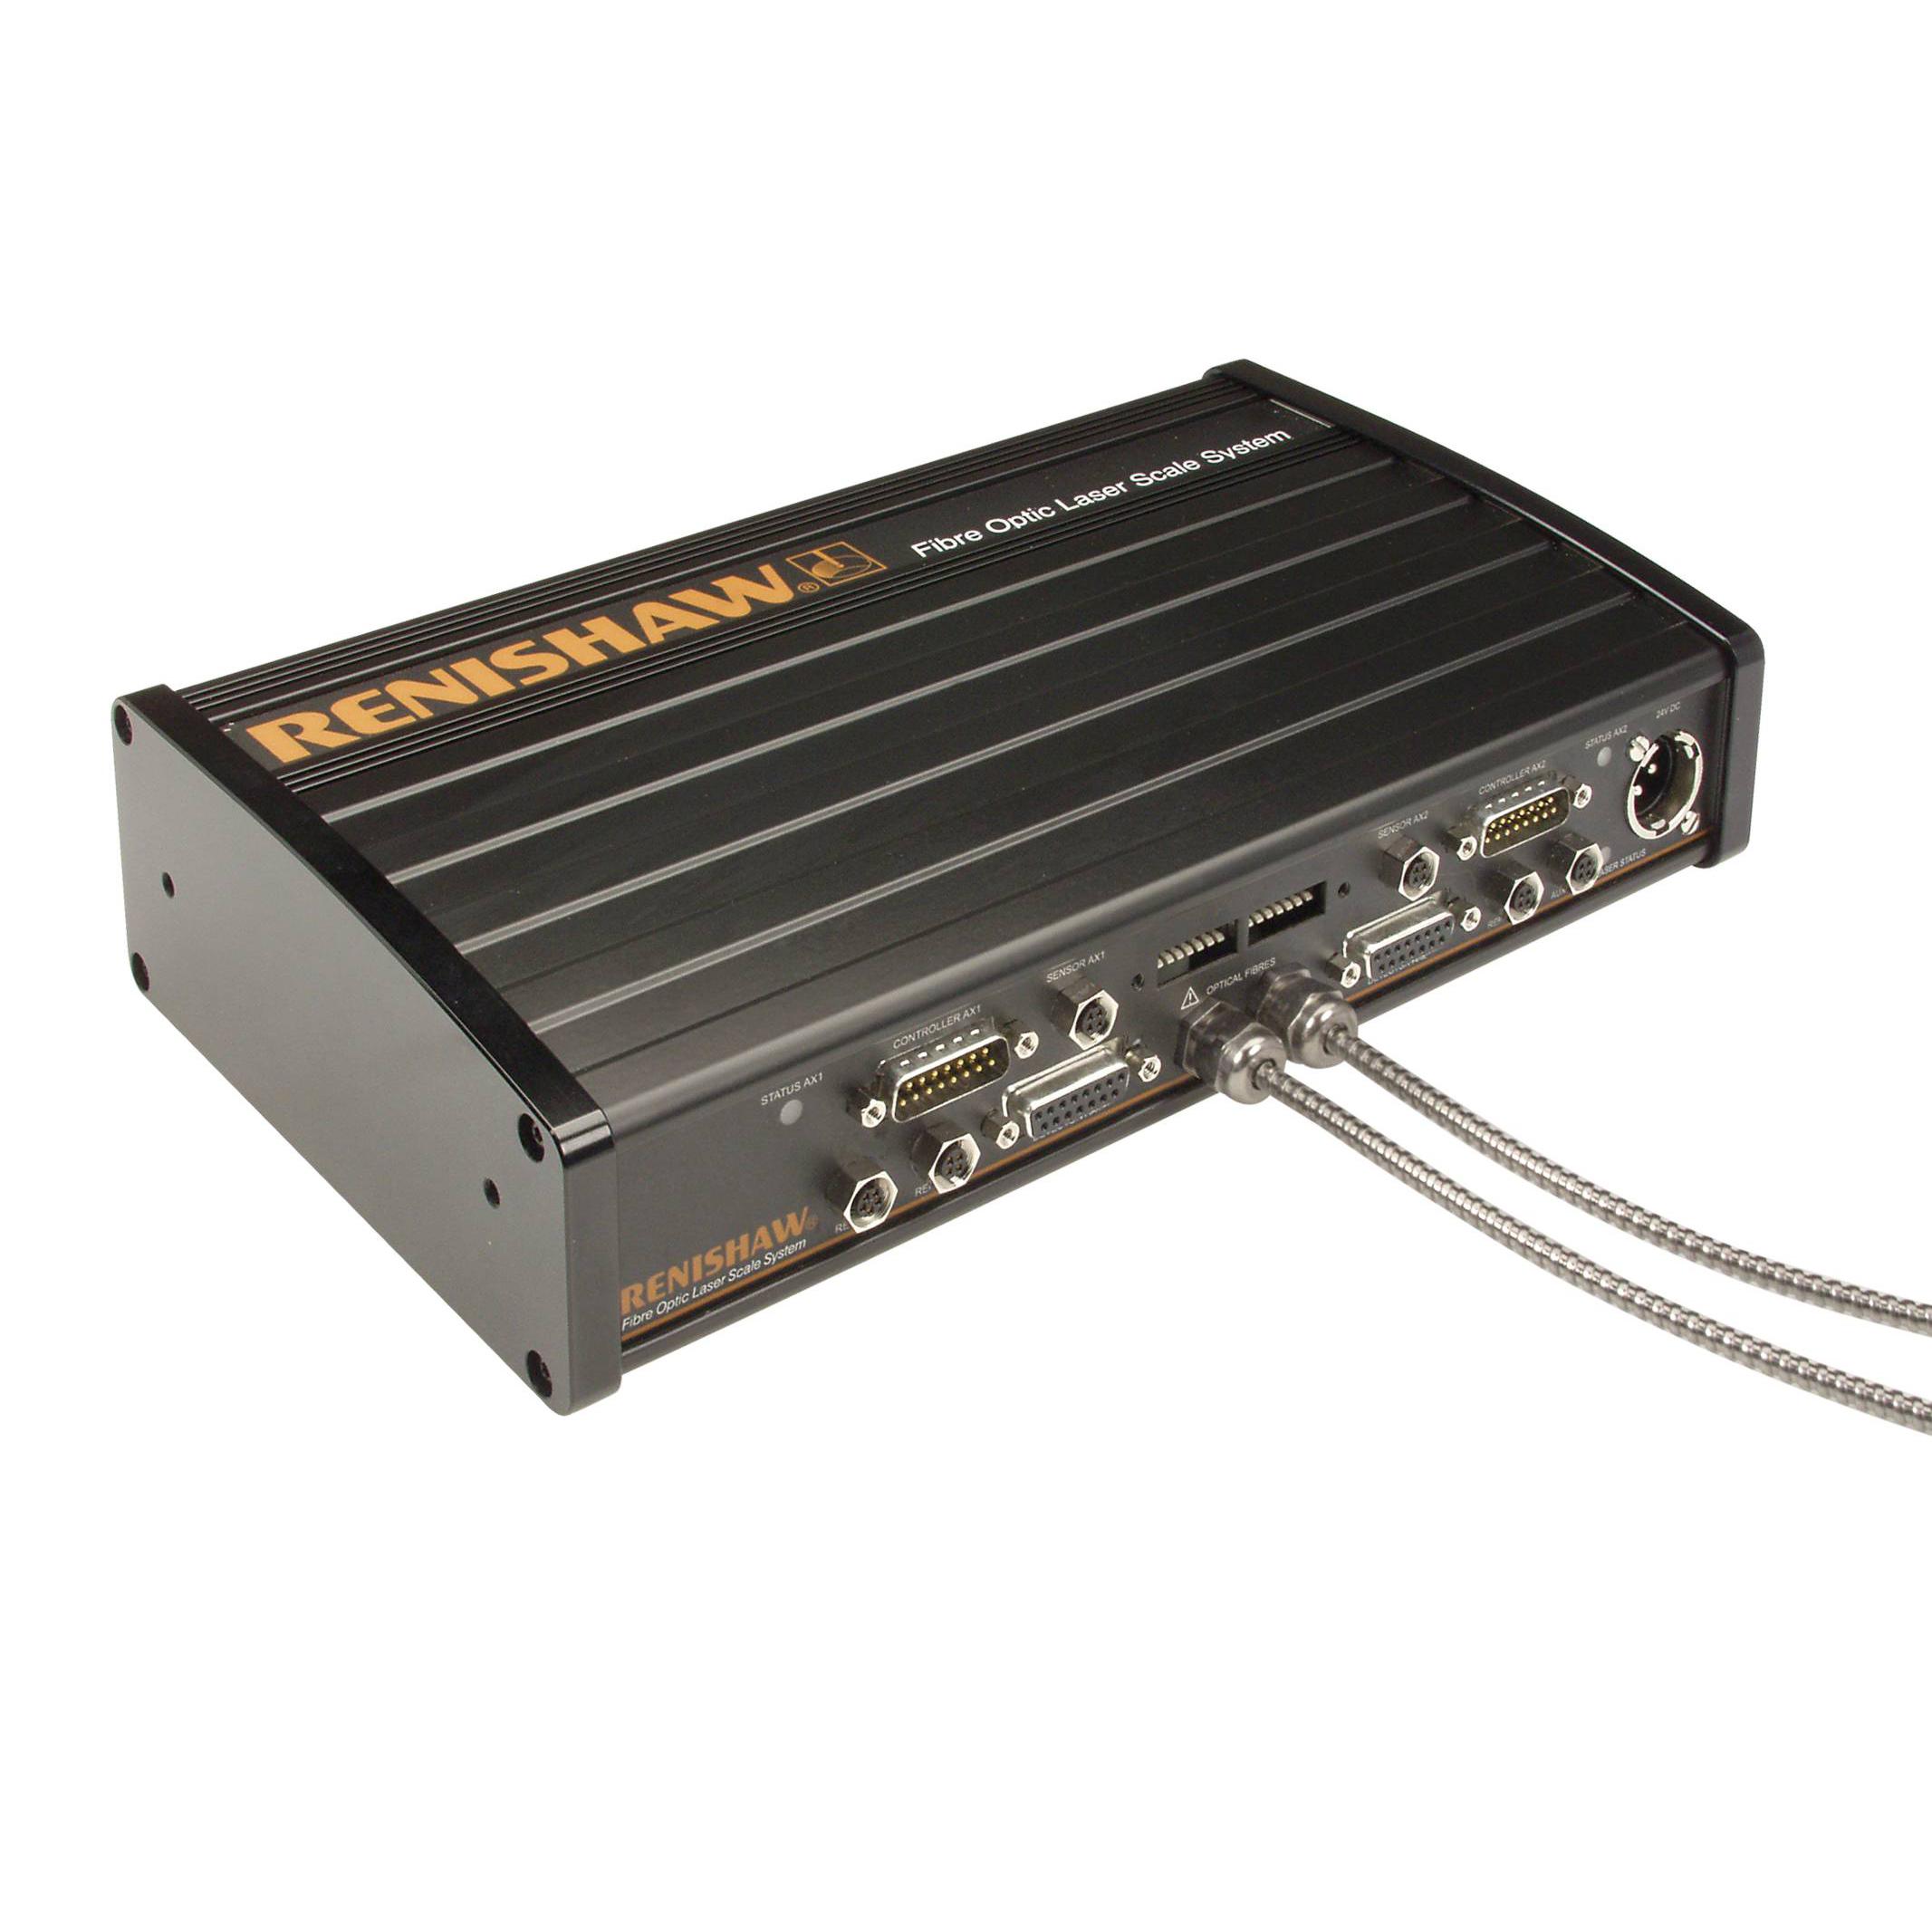 Sistema RLE y la RLU unidad láser compacta con transmisión de fibra óptica